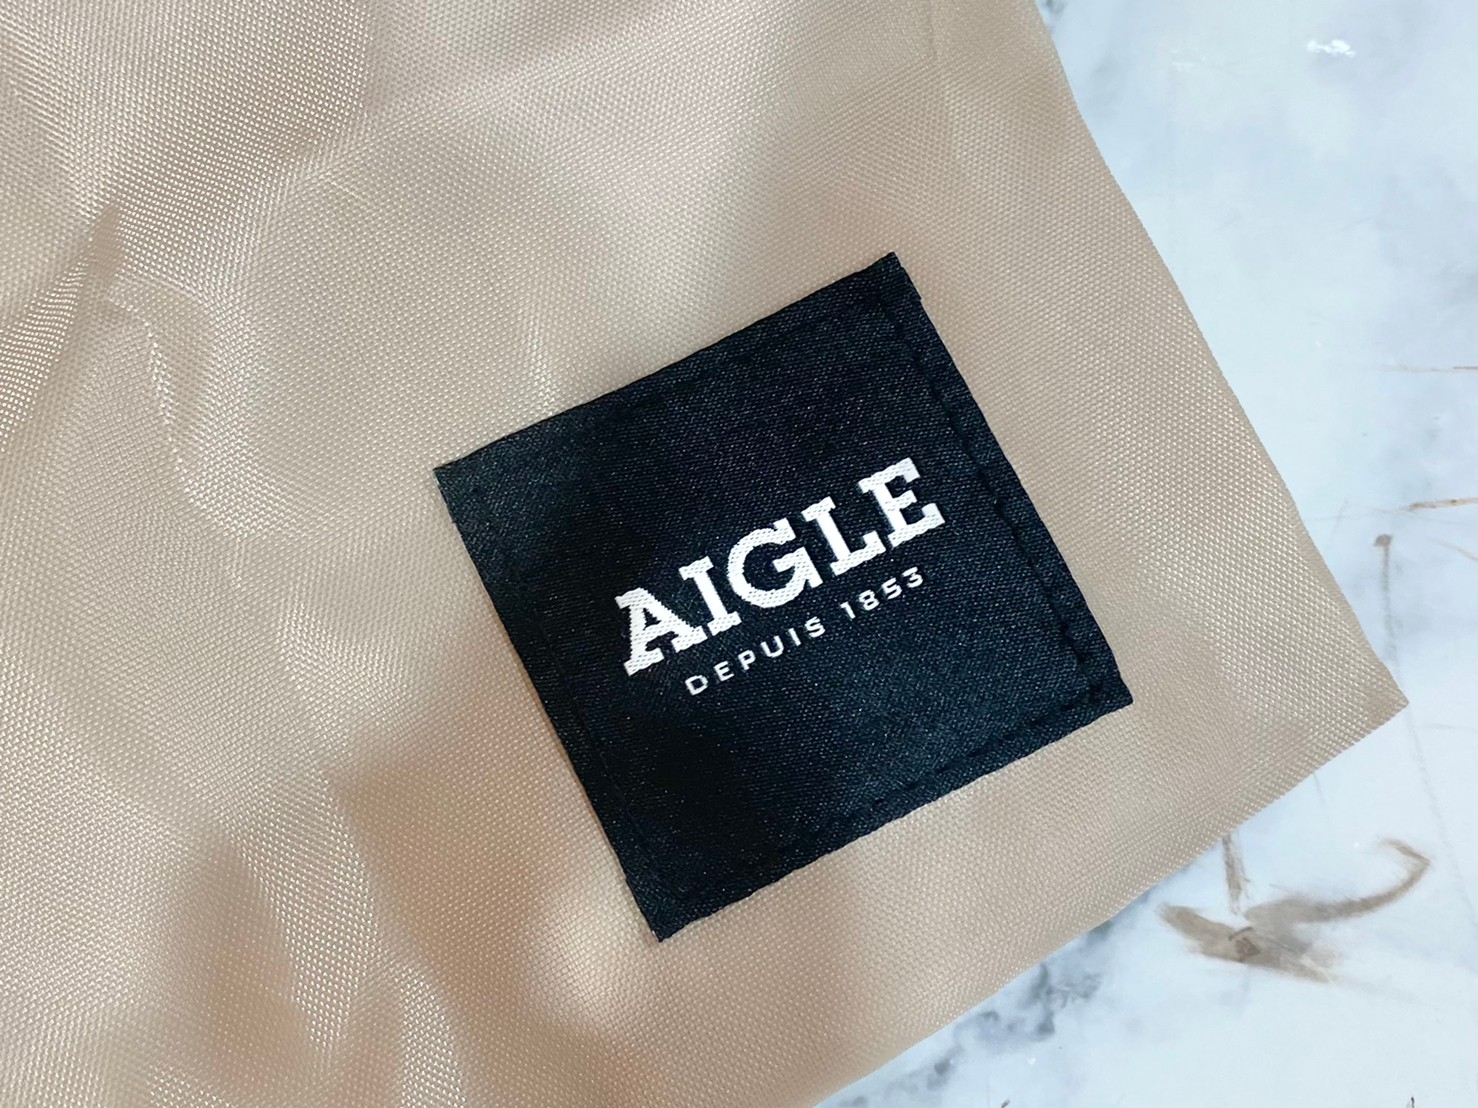 変身お買い物バッグのブランドロゴ画像